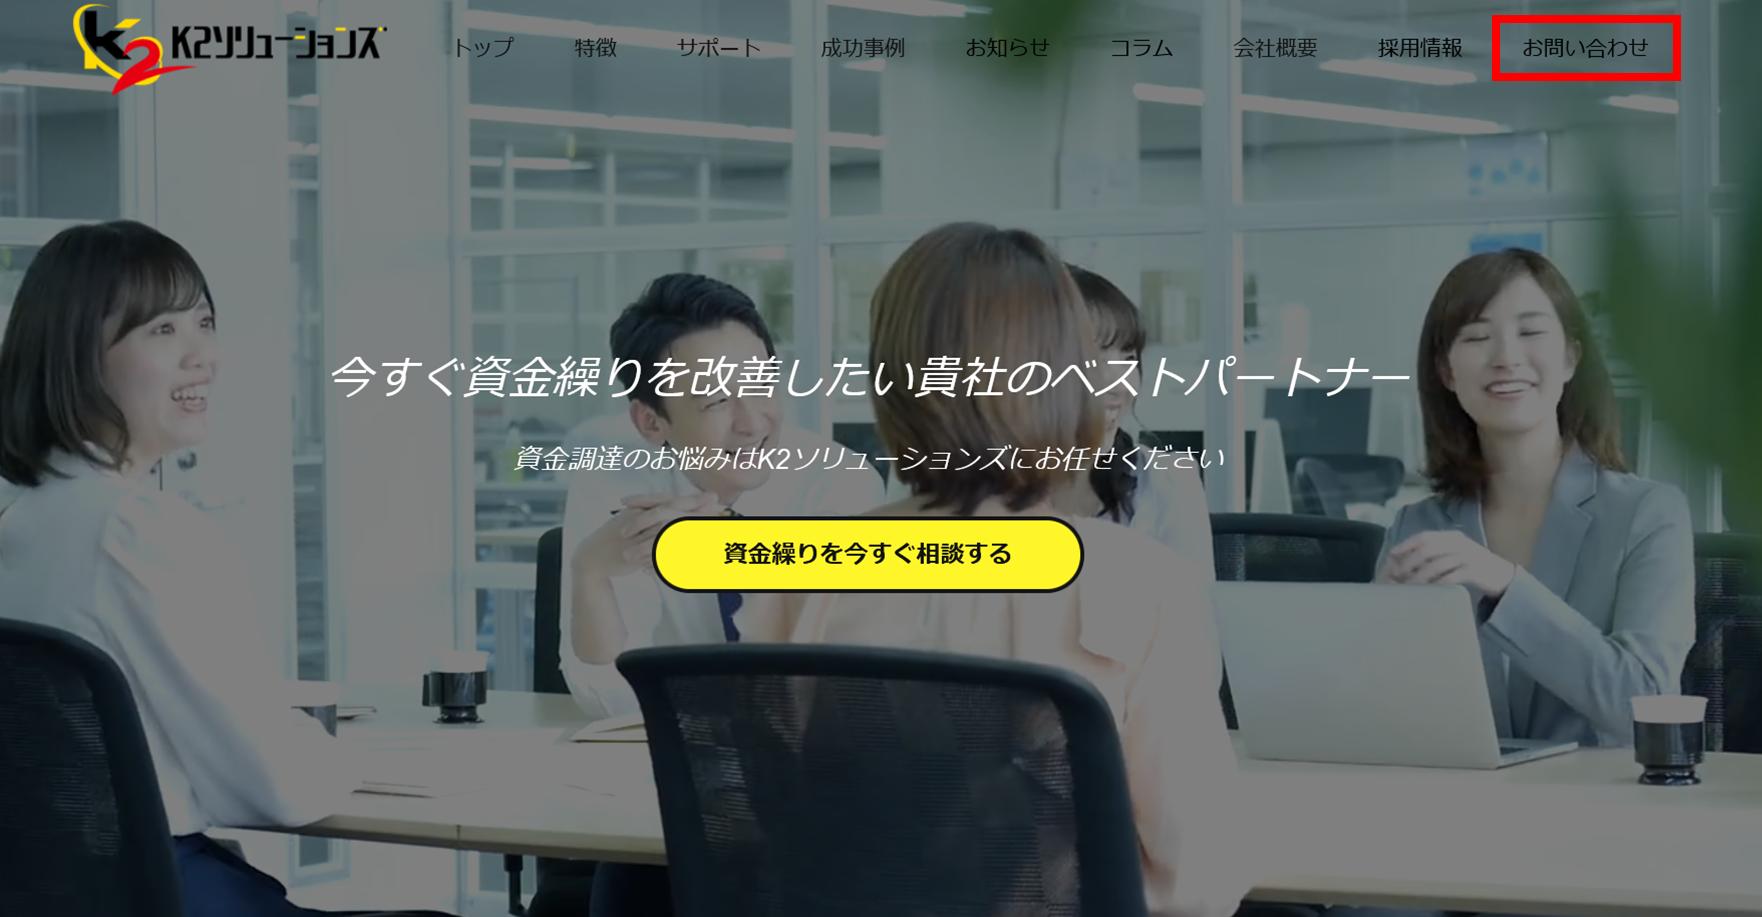 K2ソリューションズ 評判_問い合わせ方法①